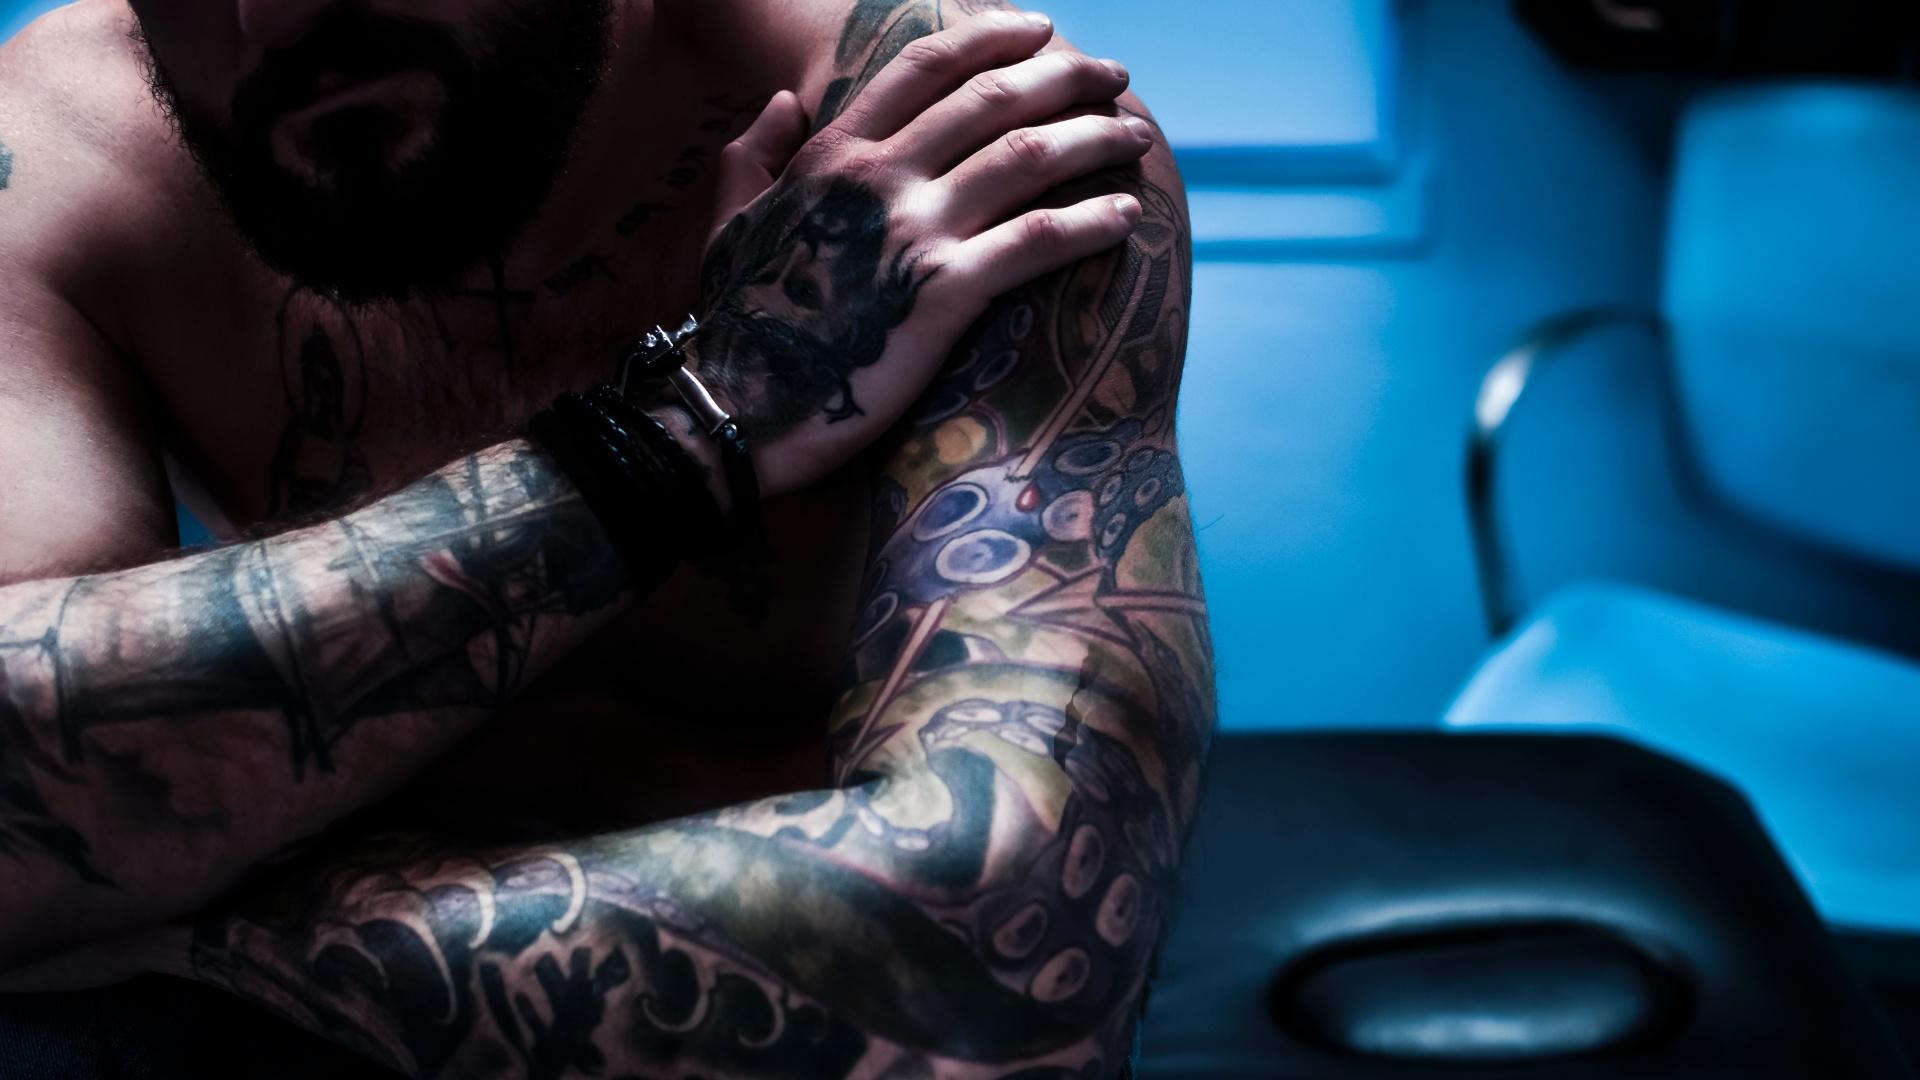 Usuwanie tatuaży cena